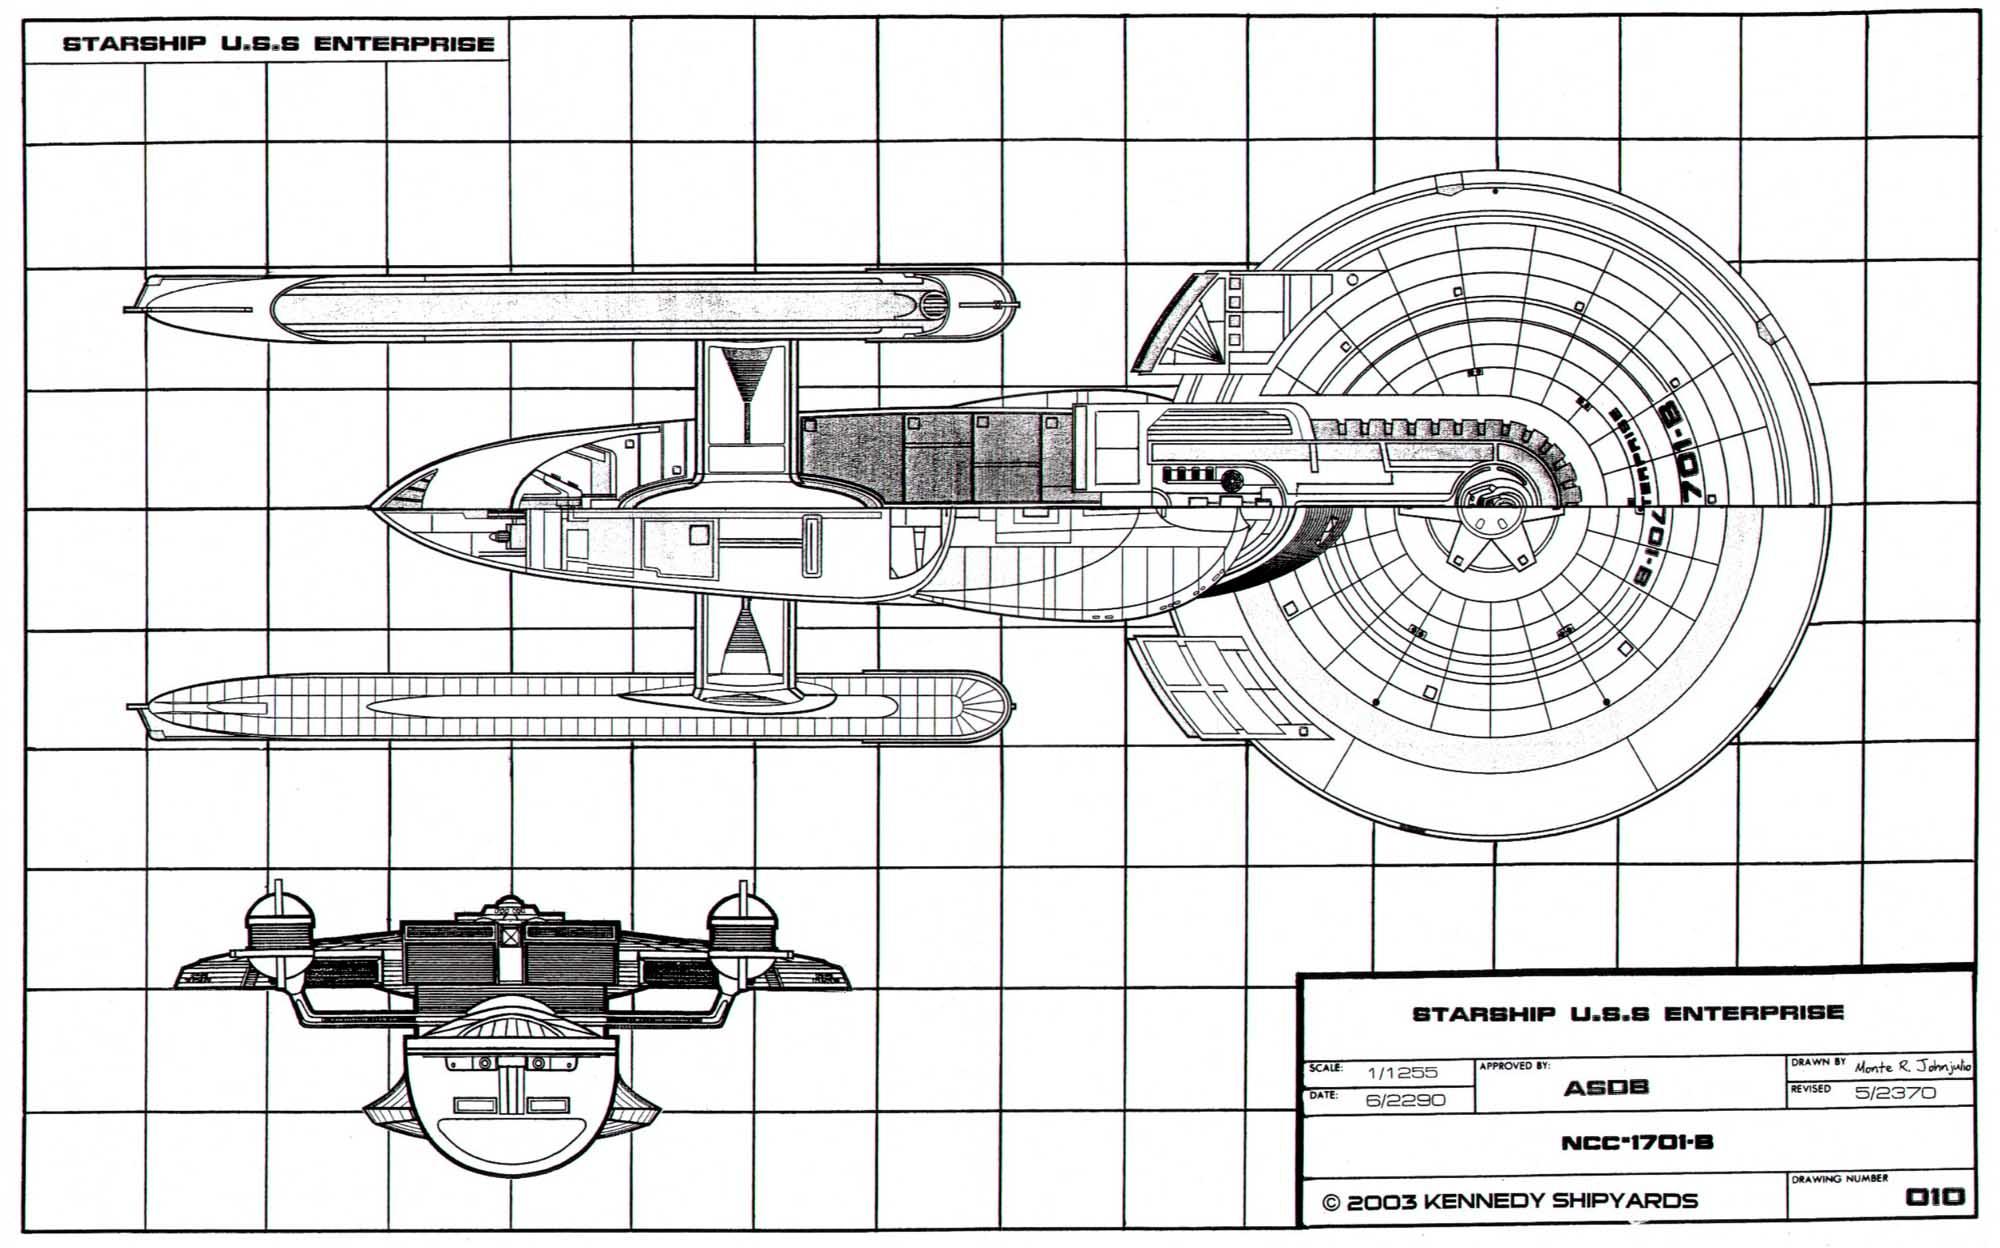 Starfleet Vessel: U.S.S. Enterprise NCC-1701-B: General